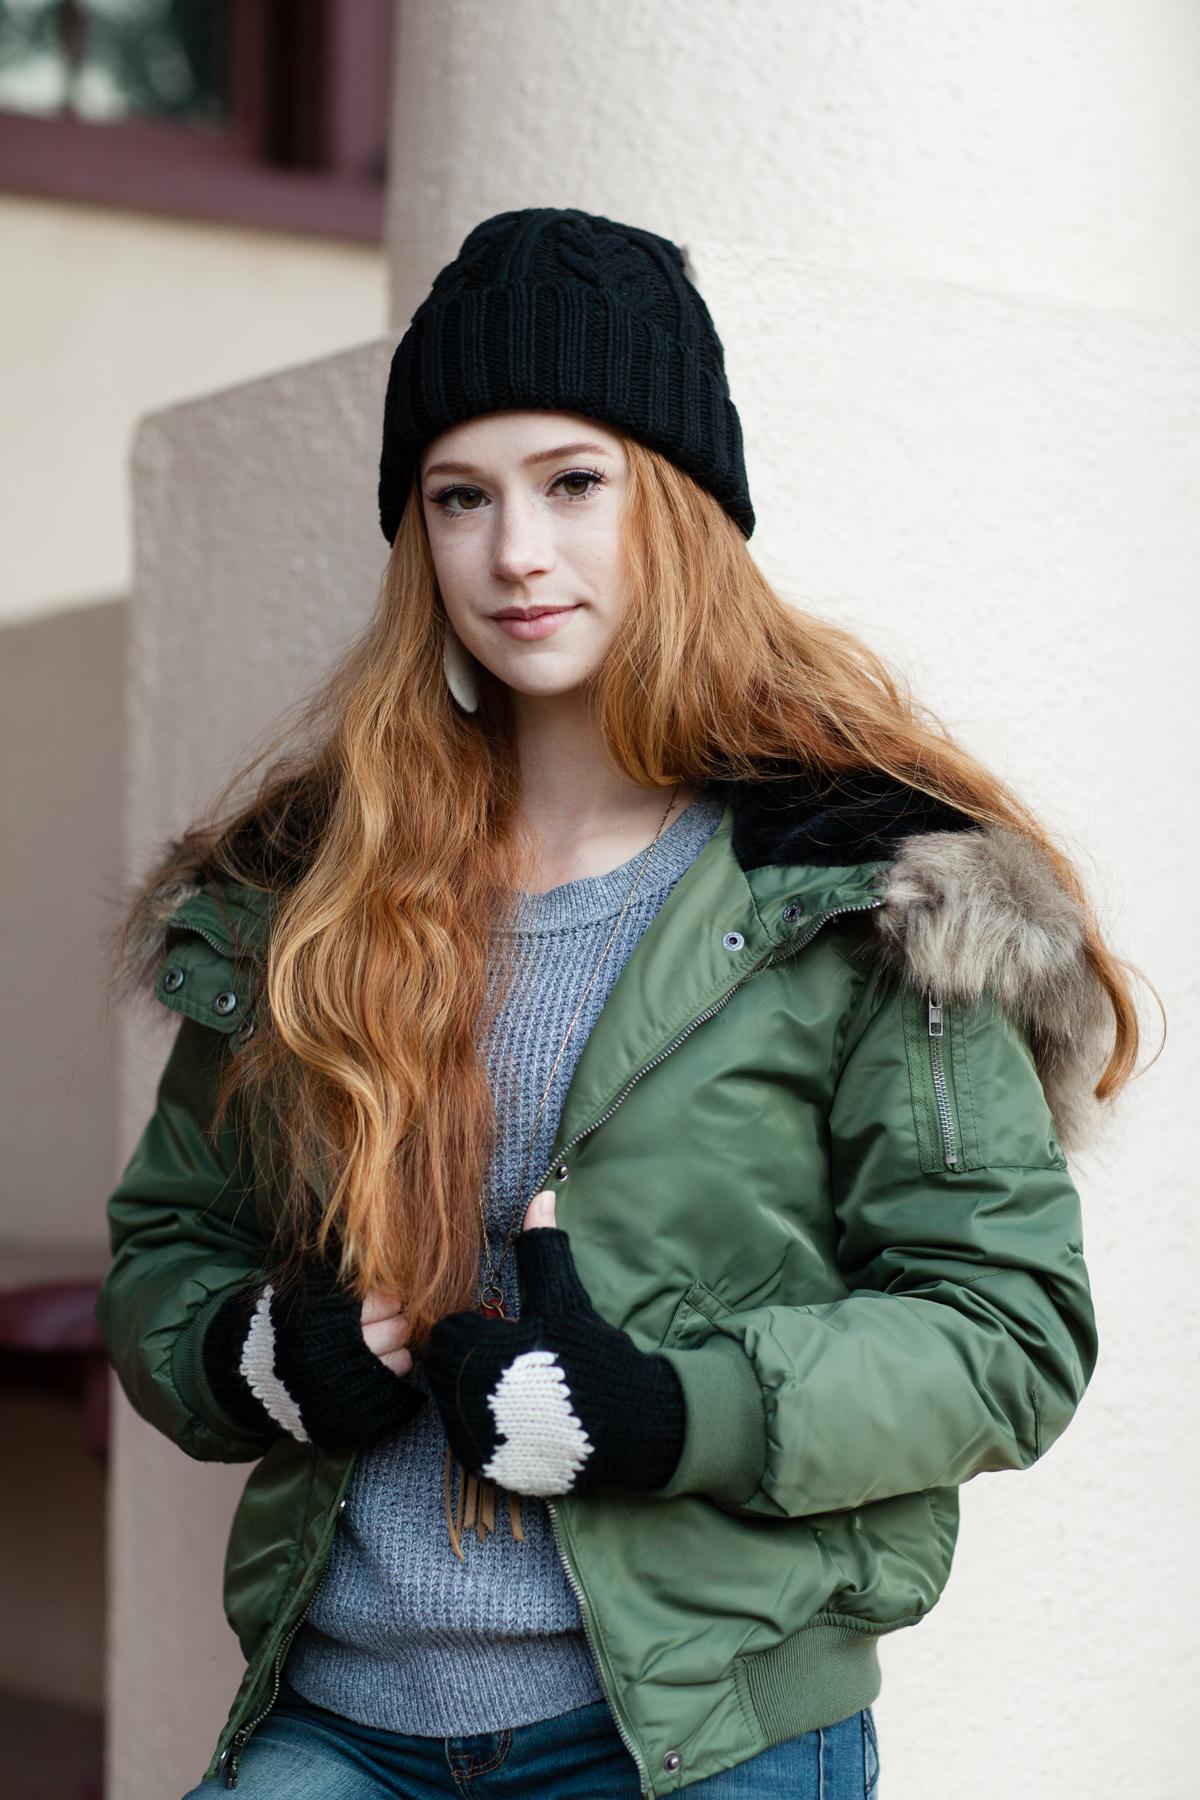 BRIO winter essentials FINALS 4x6-1559